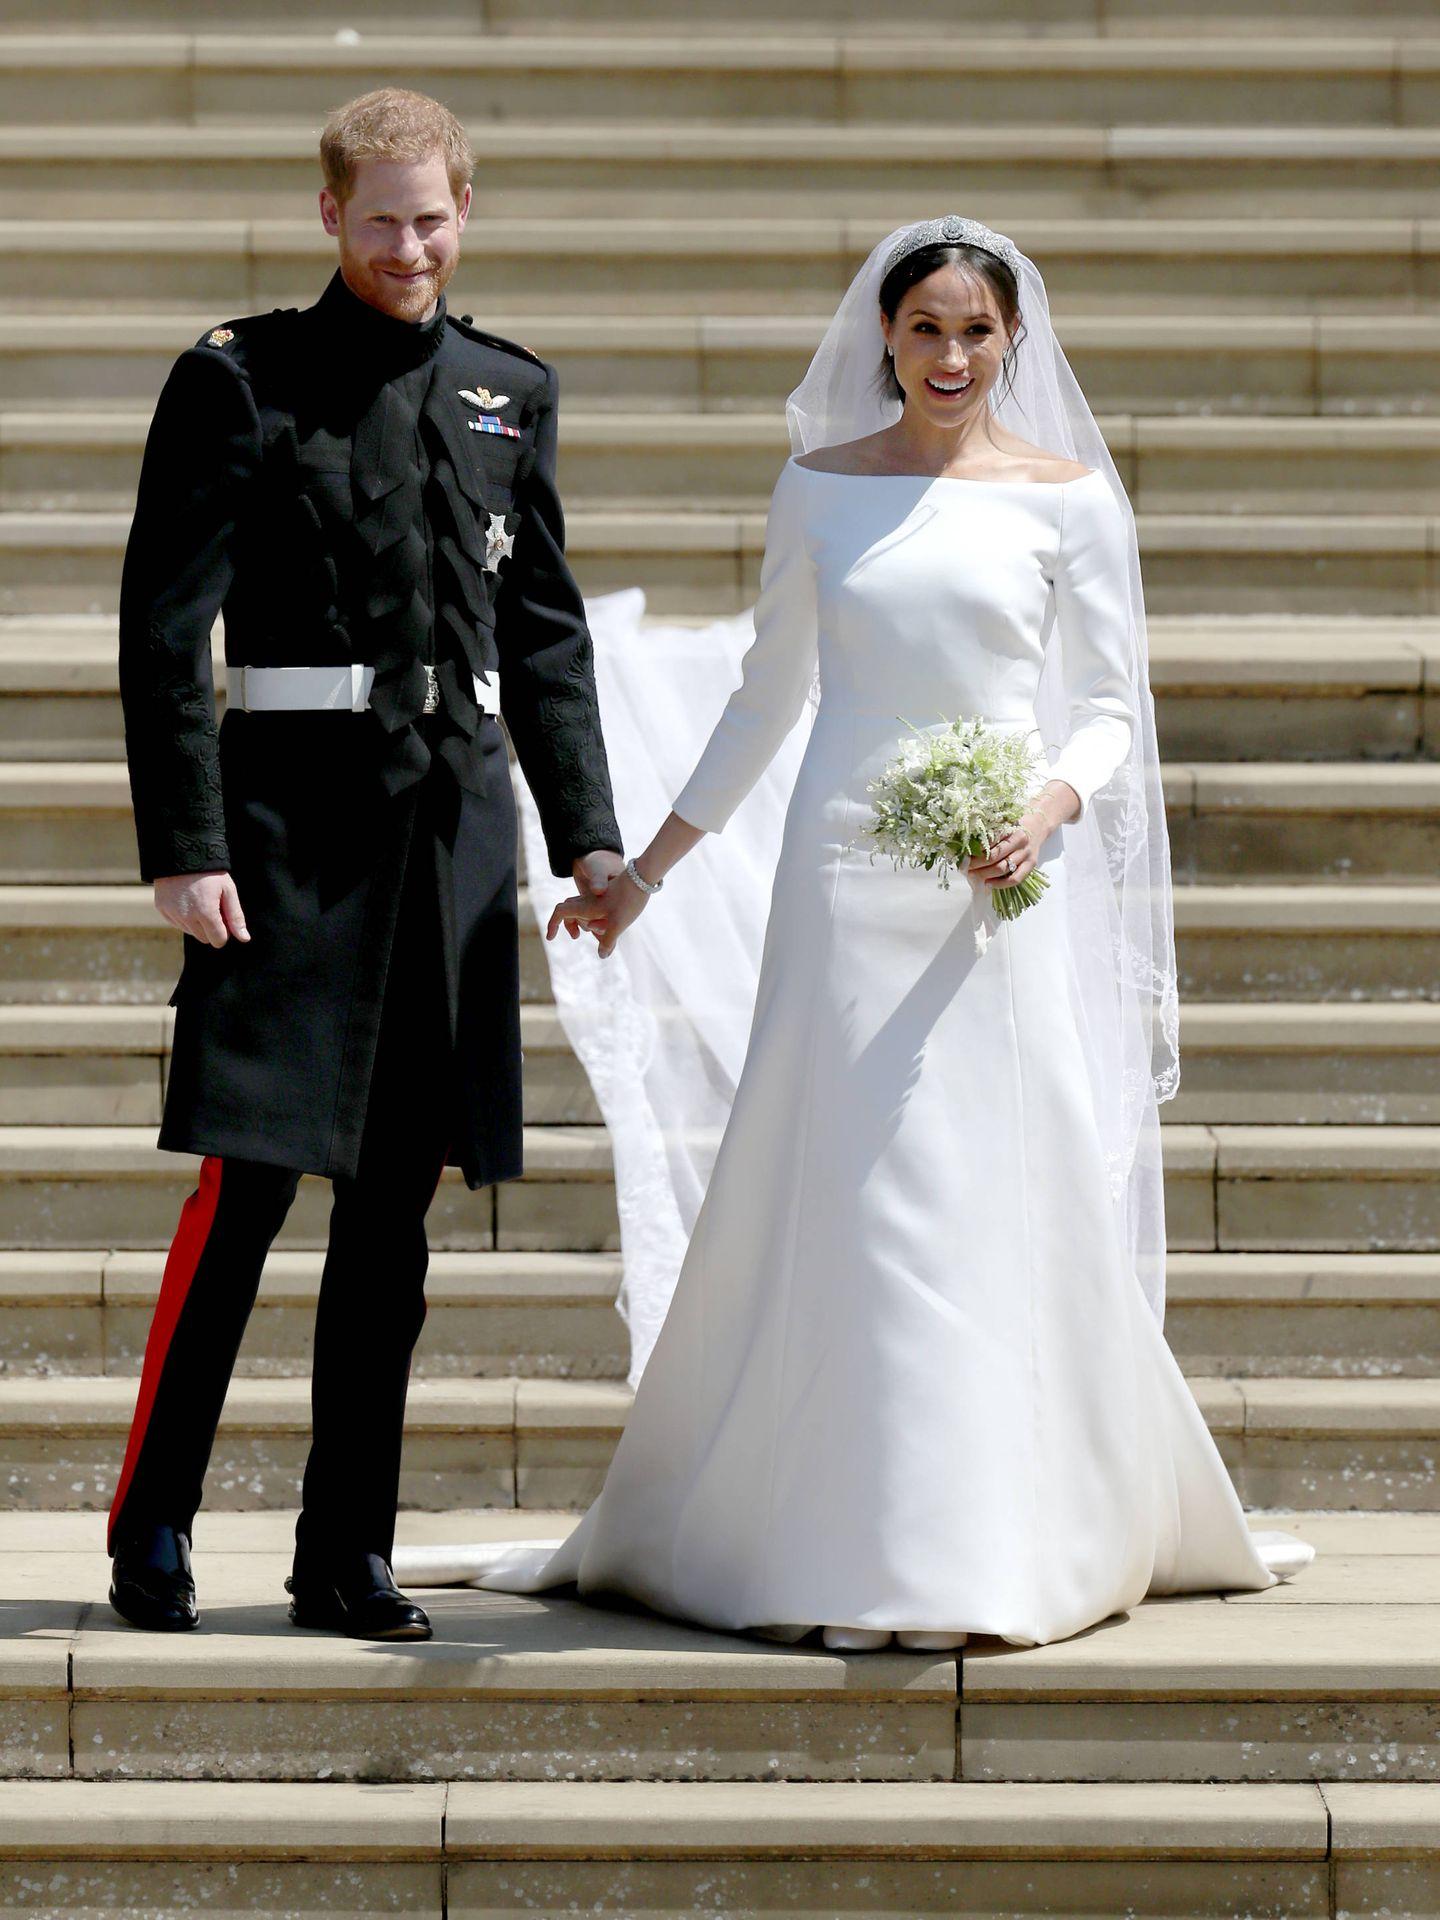 La boda de los duques de Sussex. (Getty)